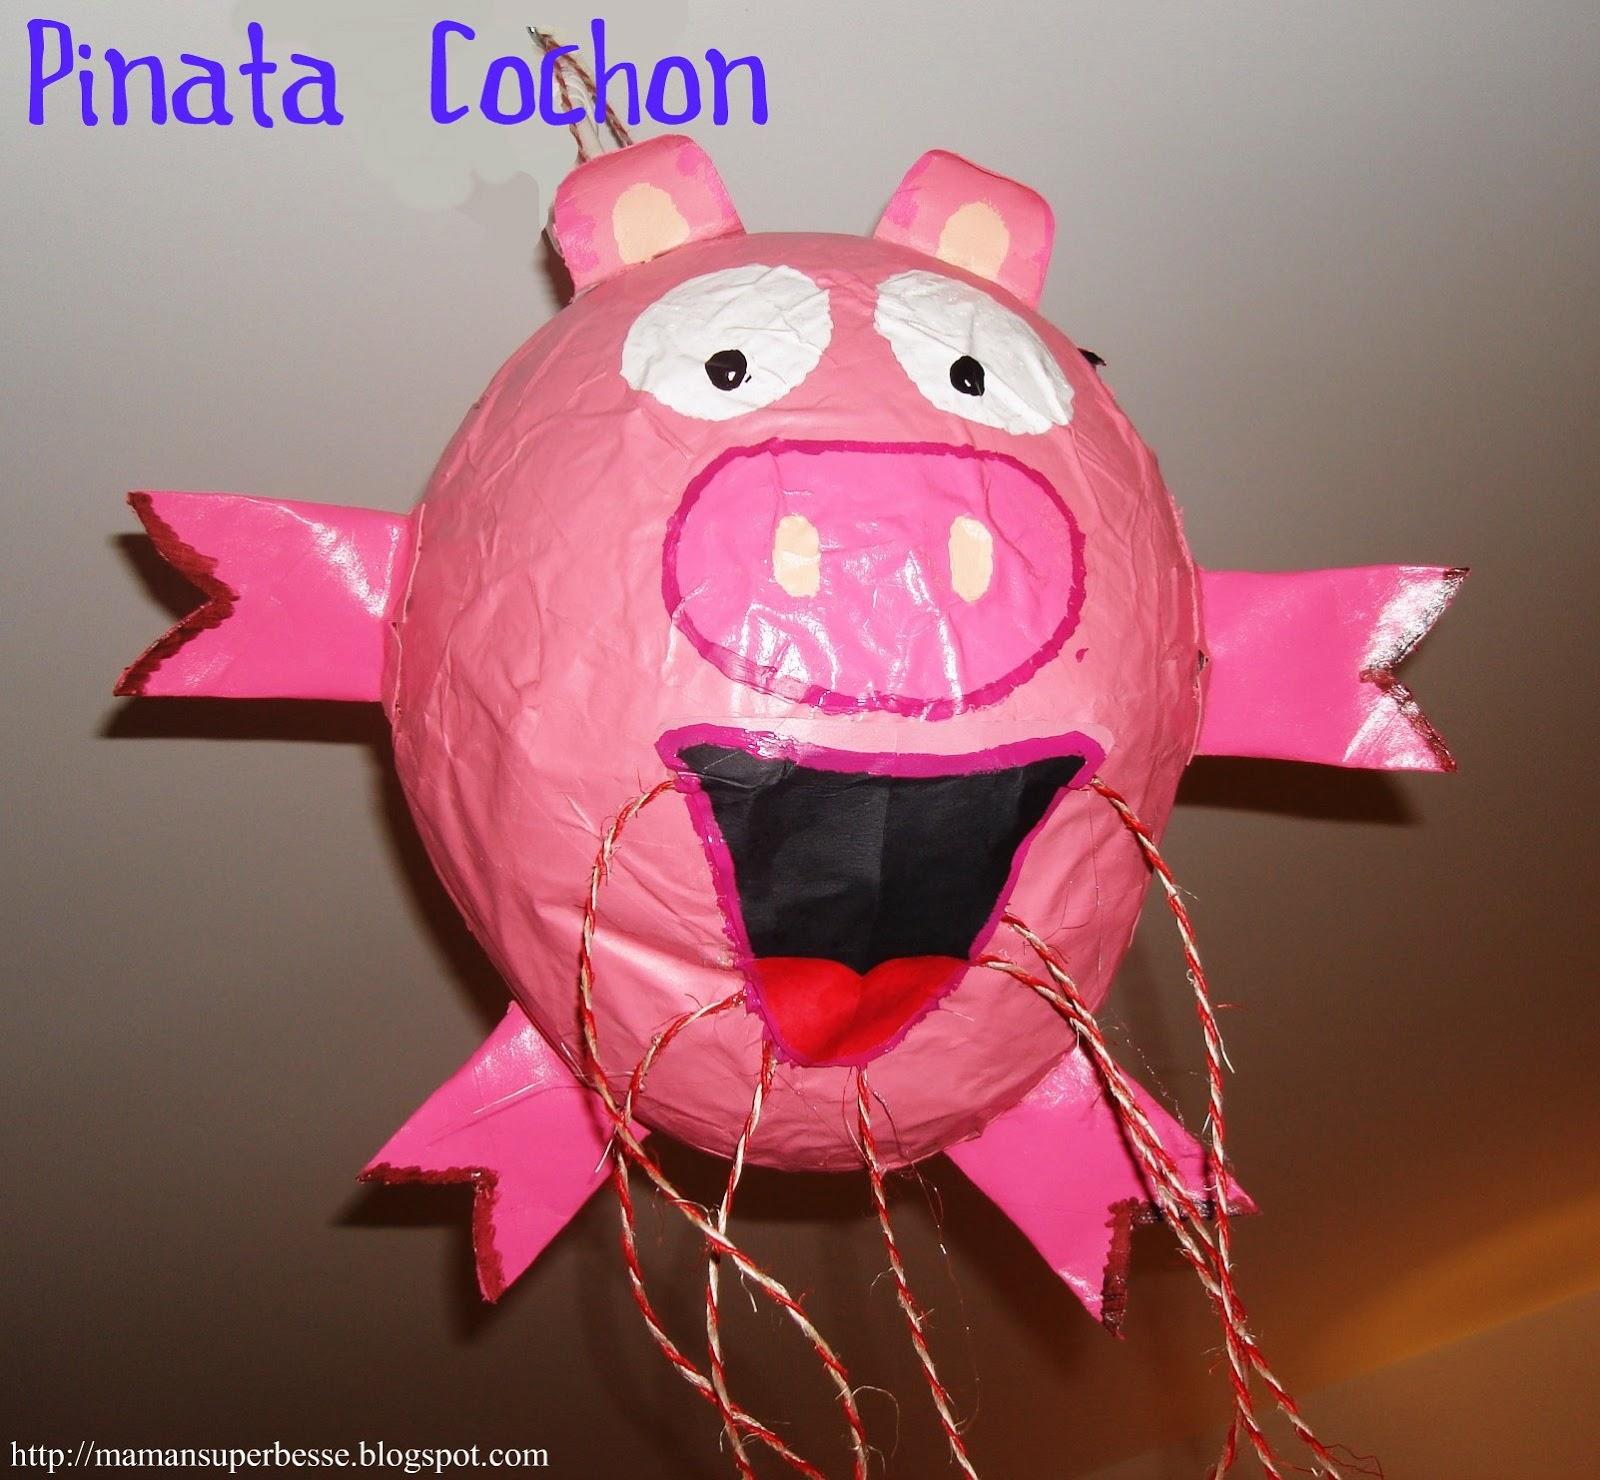 http://3.bp.blogspot.com/-4-hB6Mj9M6c/UZUd3IQA8KI/AAAAAAAAA0A/ls9D5_ZzRGA/s1600/pinata+cochon.JPG